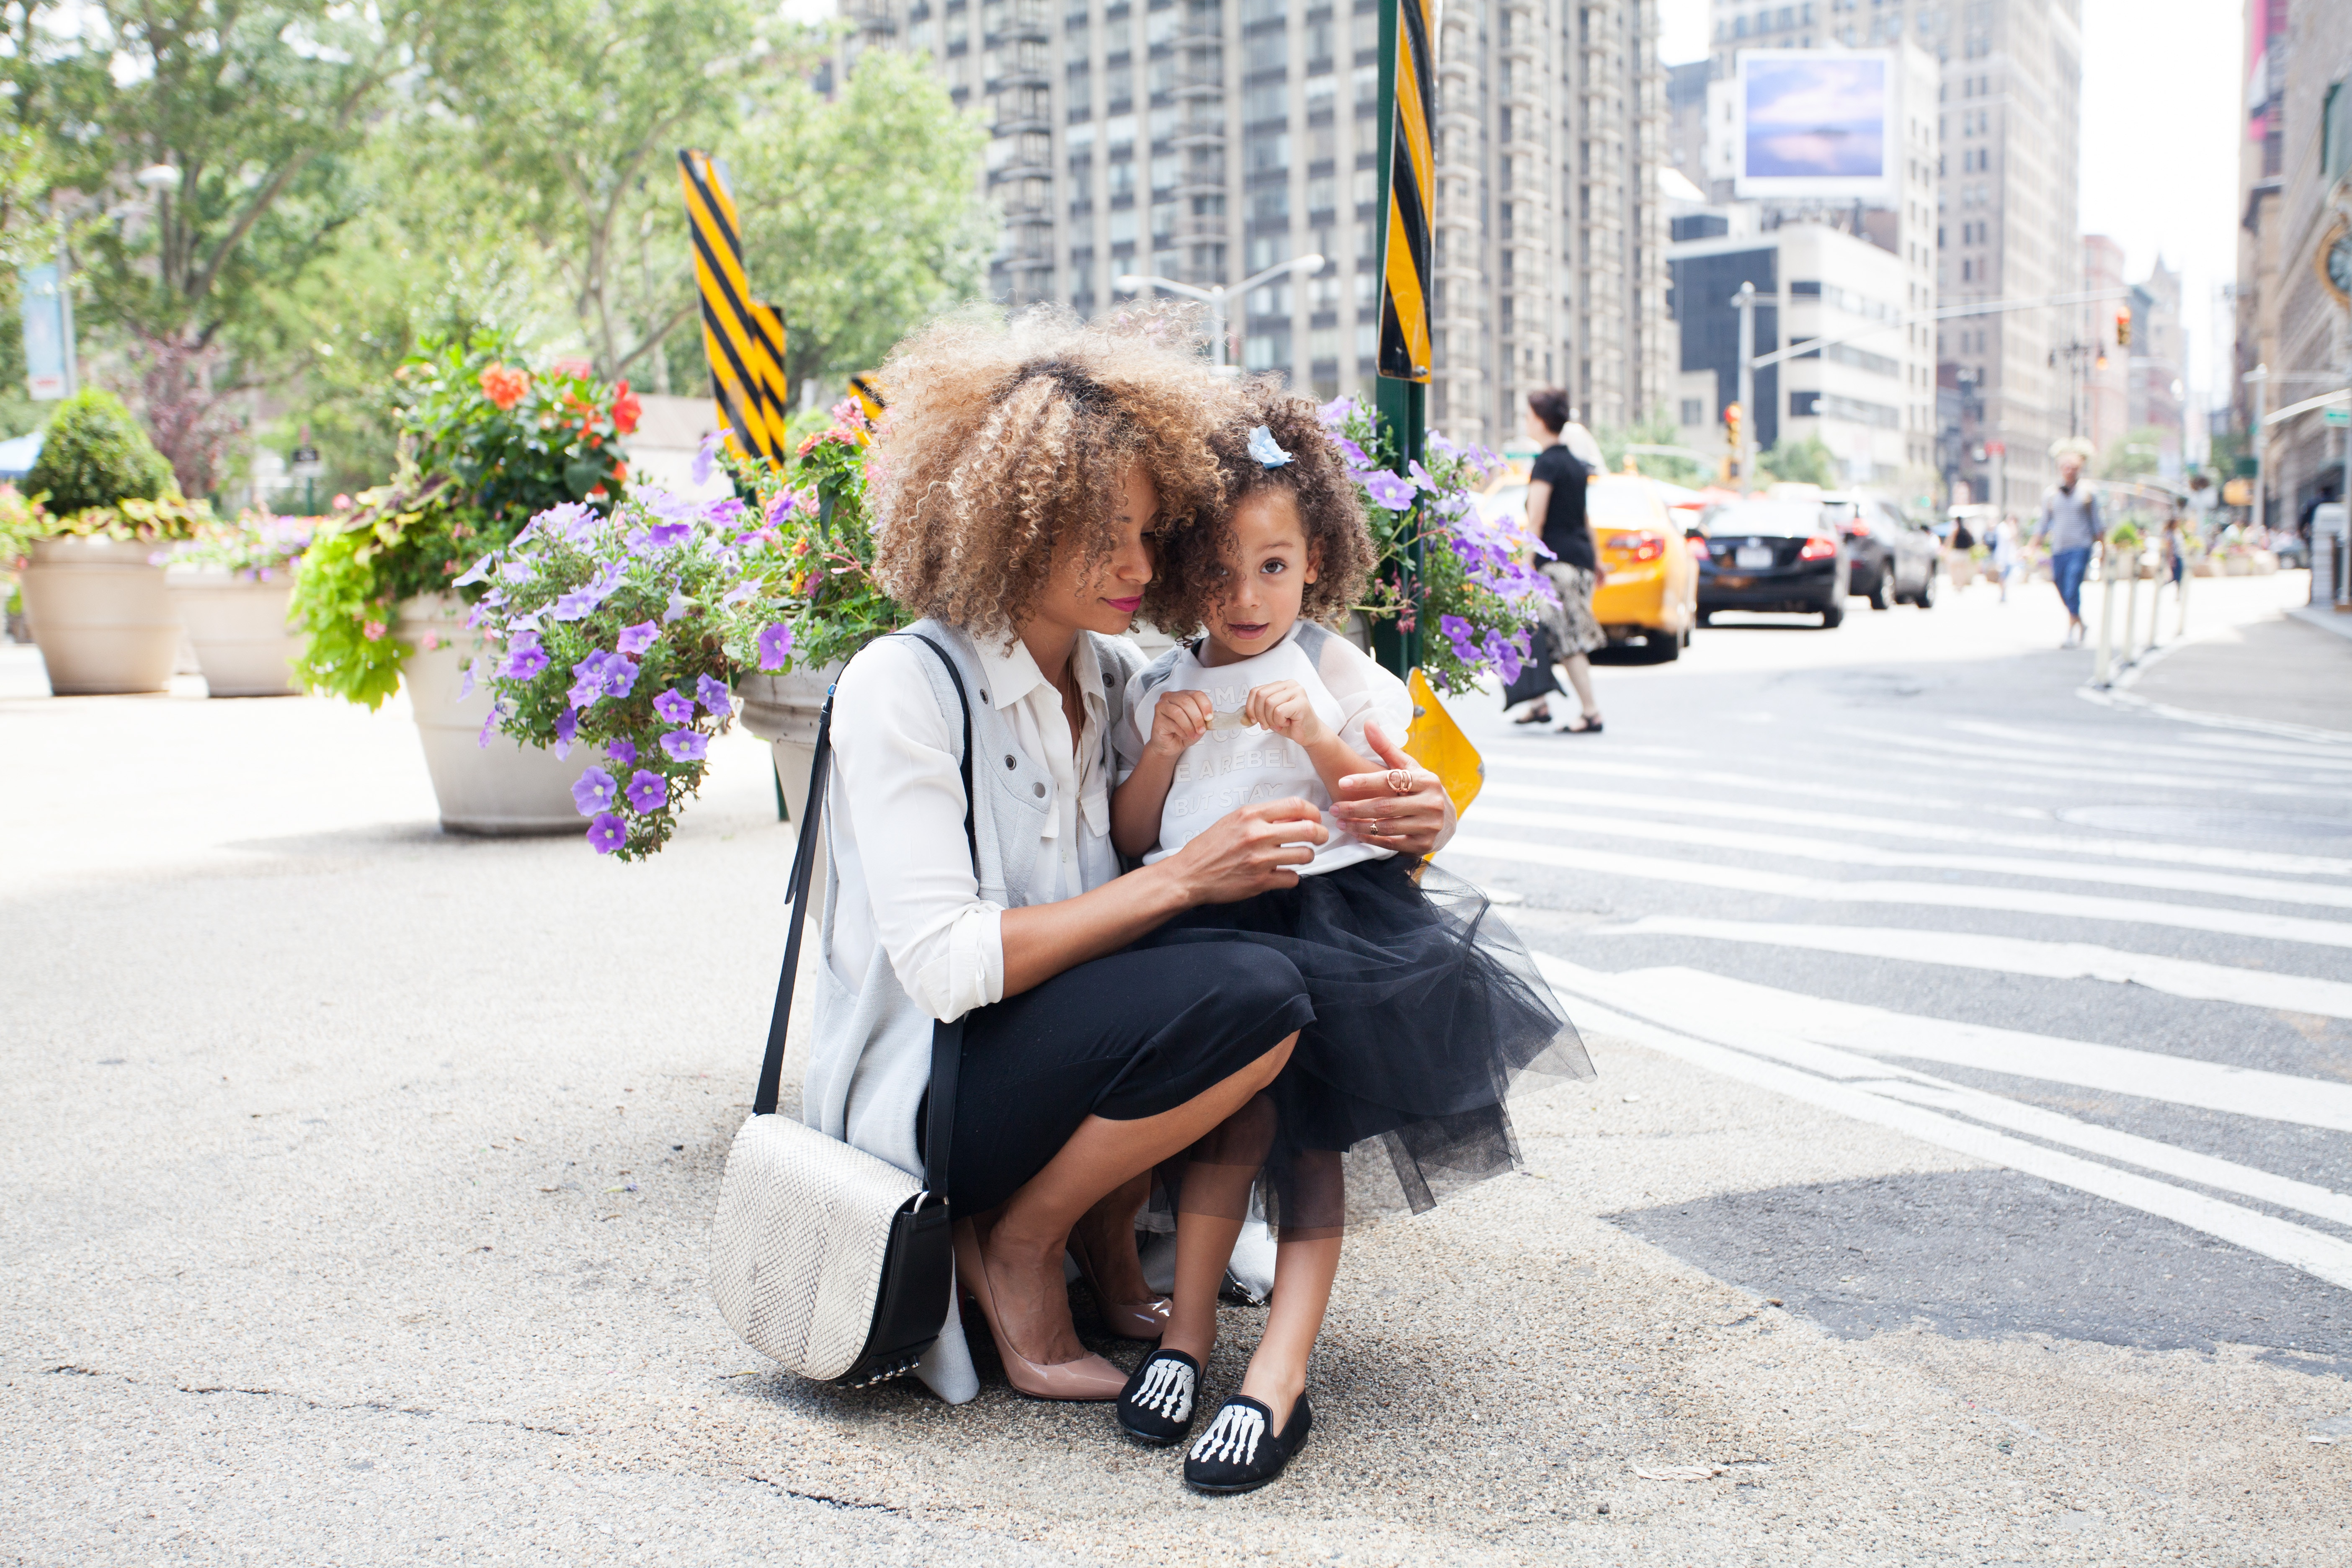 Kompetenz der Mutter in der Selbstständigkeit